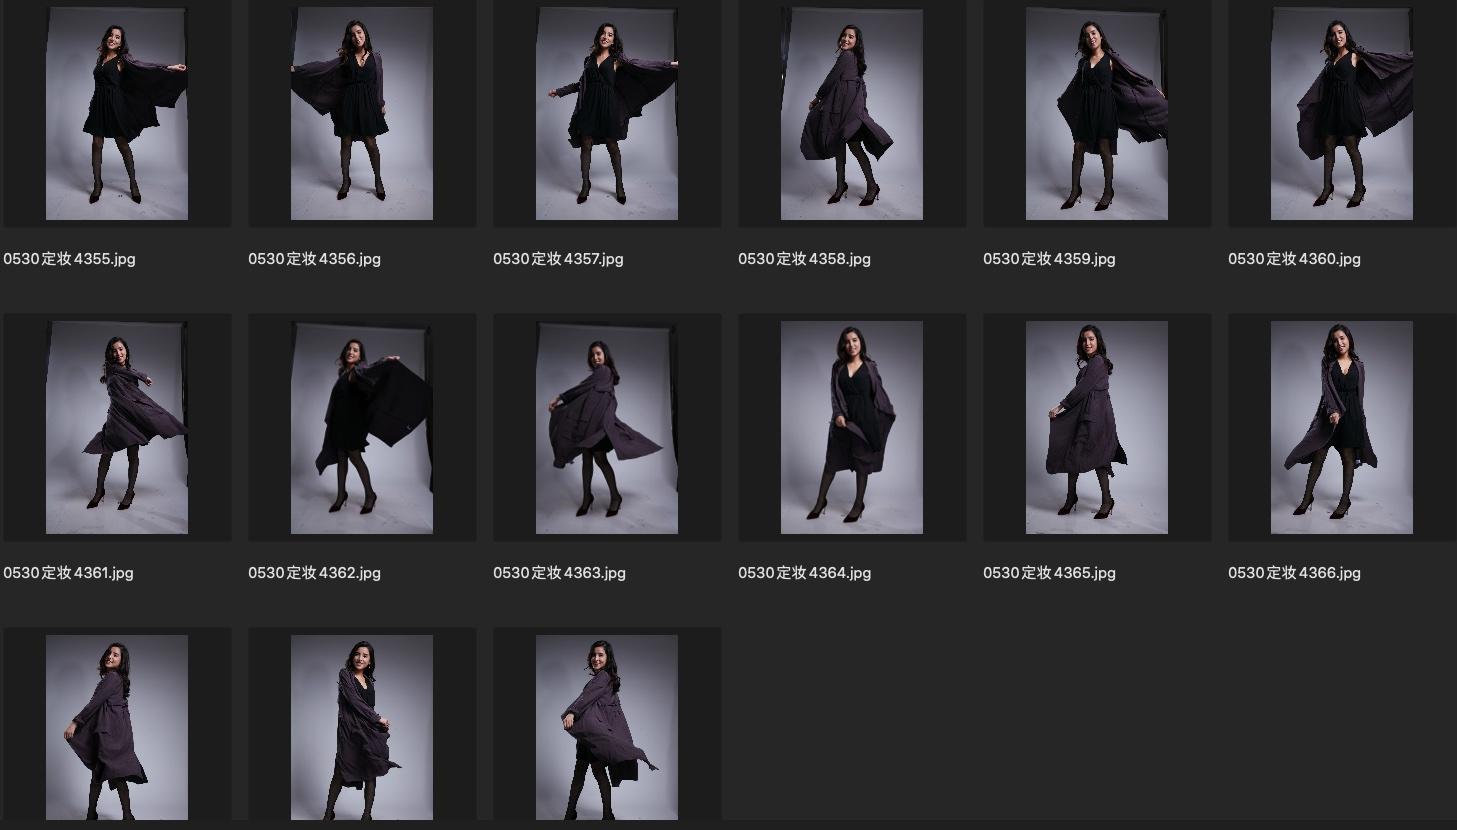 人像修图JPG图片素材 某模特定妆照生图第2组 收集整理 第4张